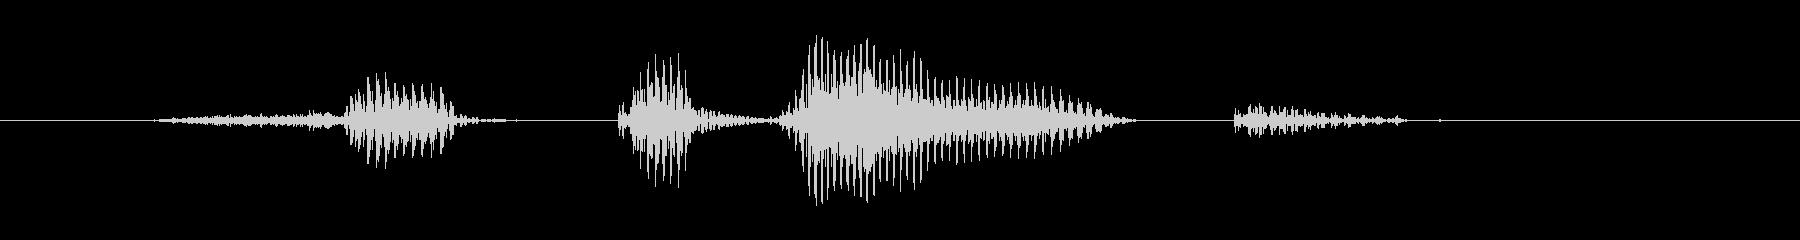 セットポイントの未再生の波形